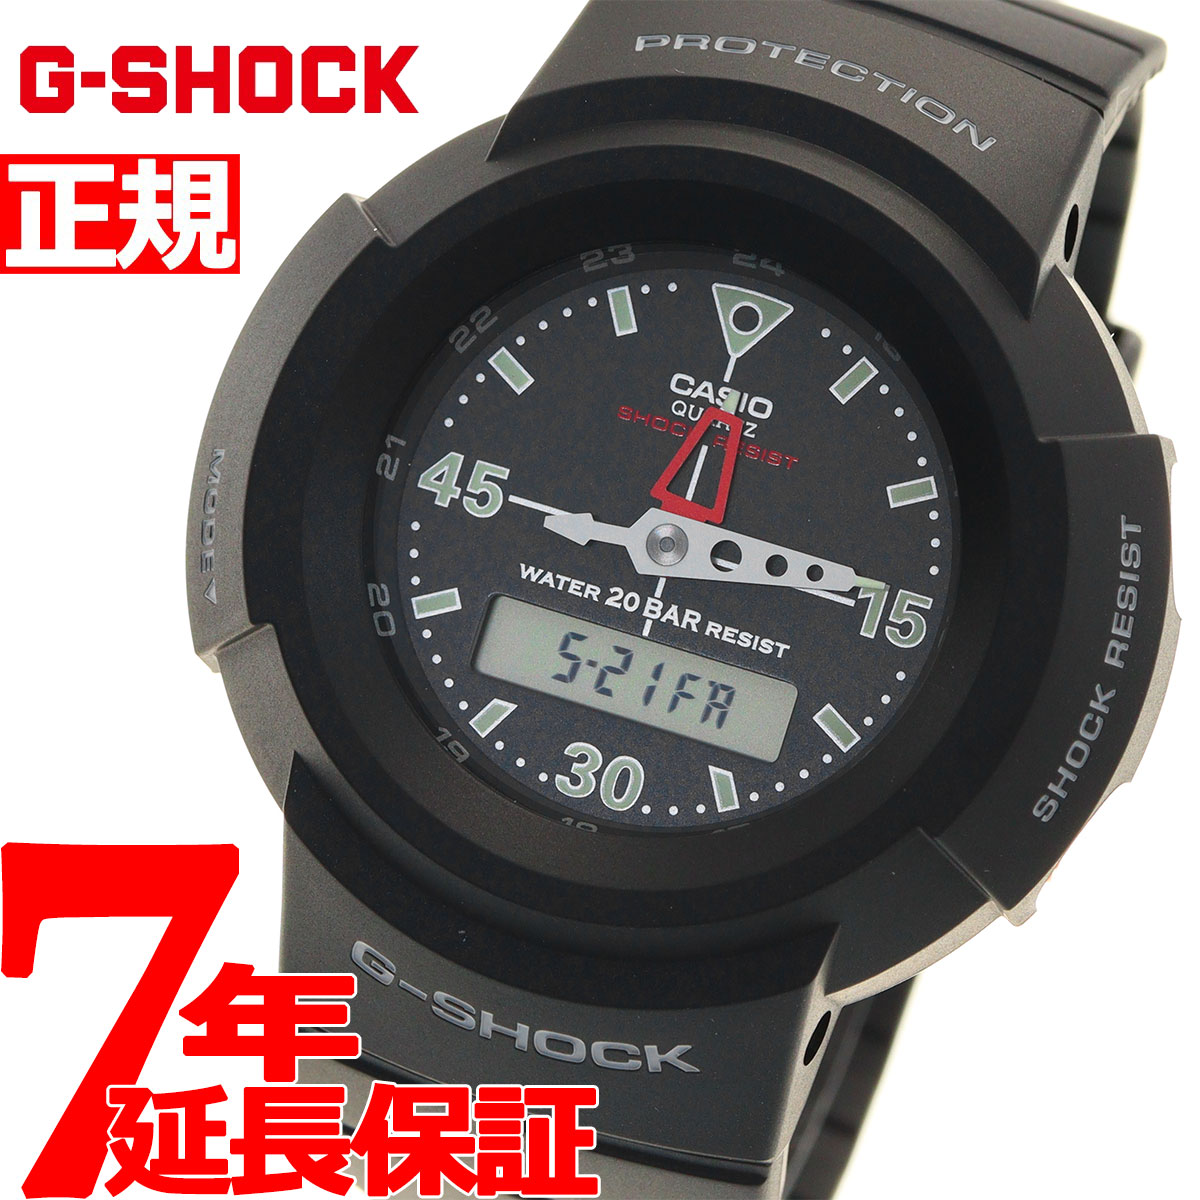 腕時計, メンズ腕時計 35.5G-SHOCK G CASIO AW-500E-1EJF2020